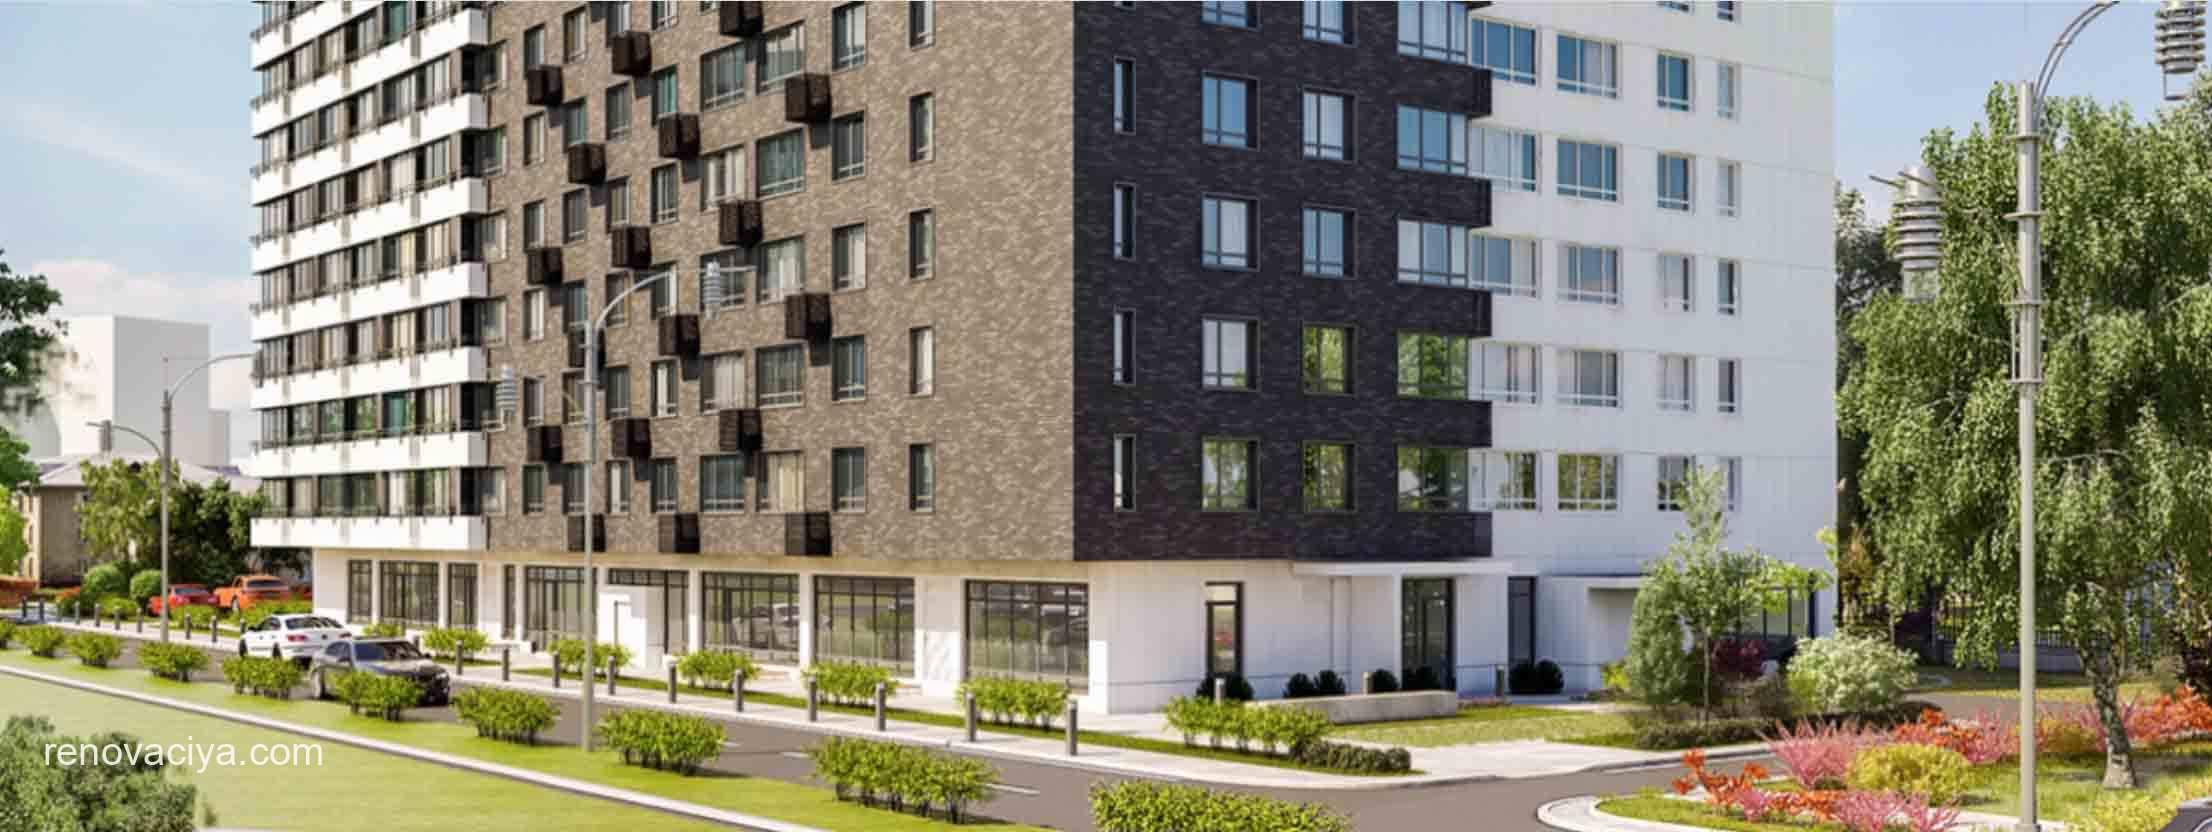 Дом в Косино-Ухтомском введут в 2020 году